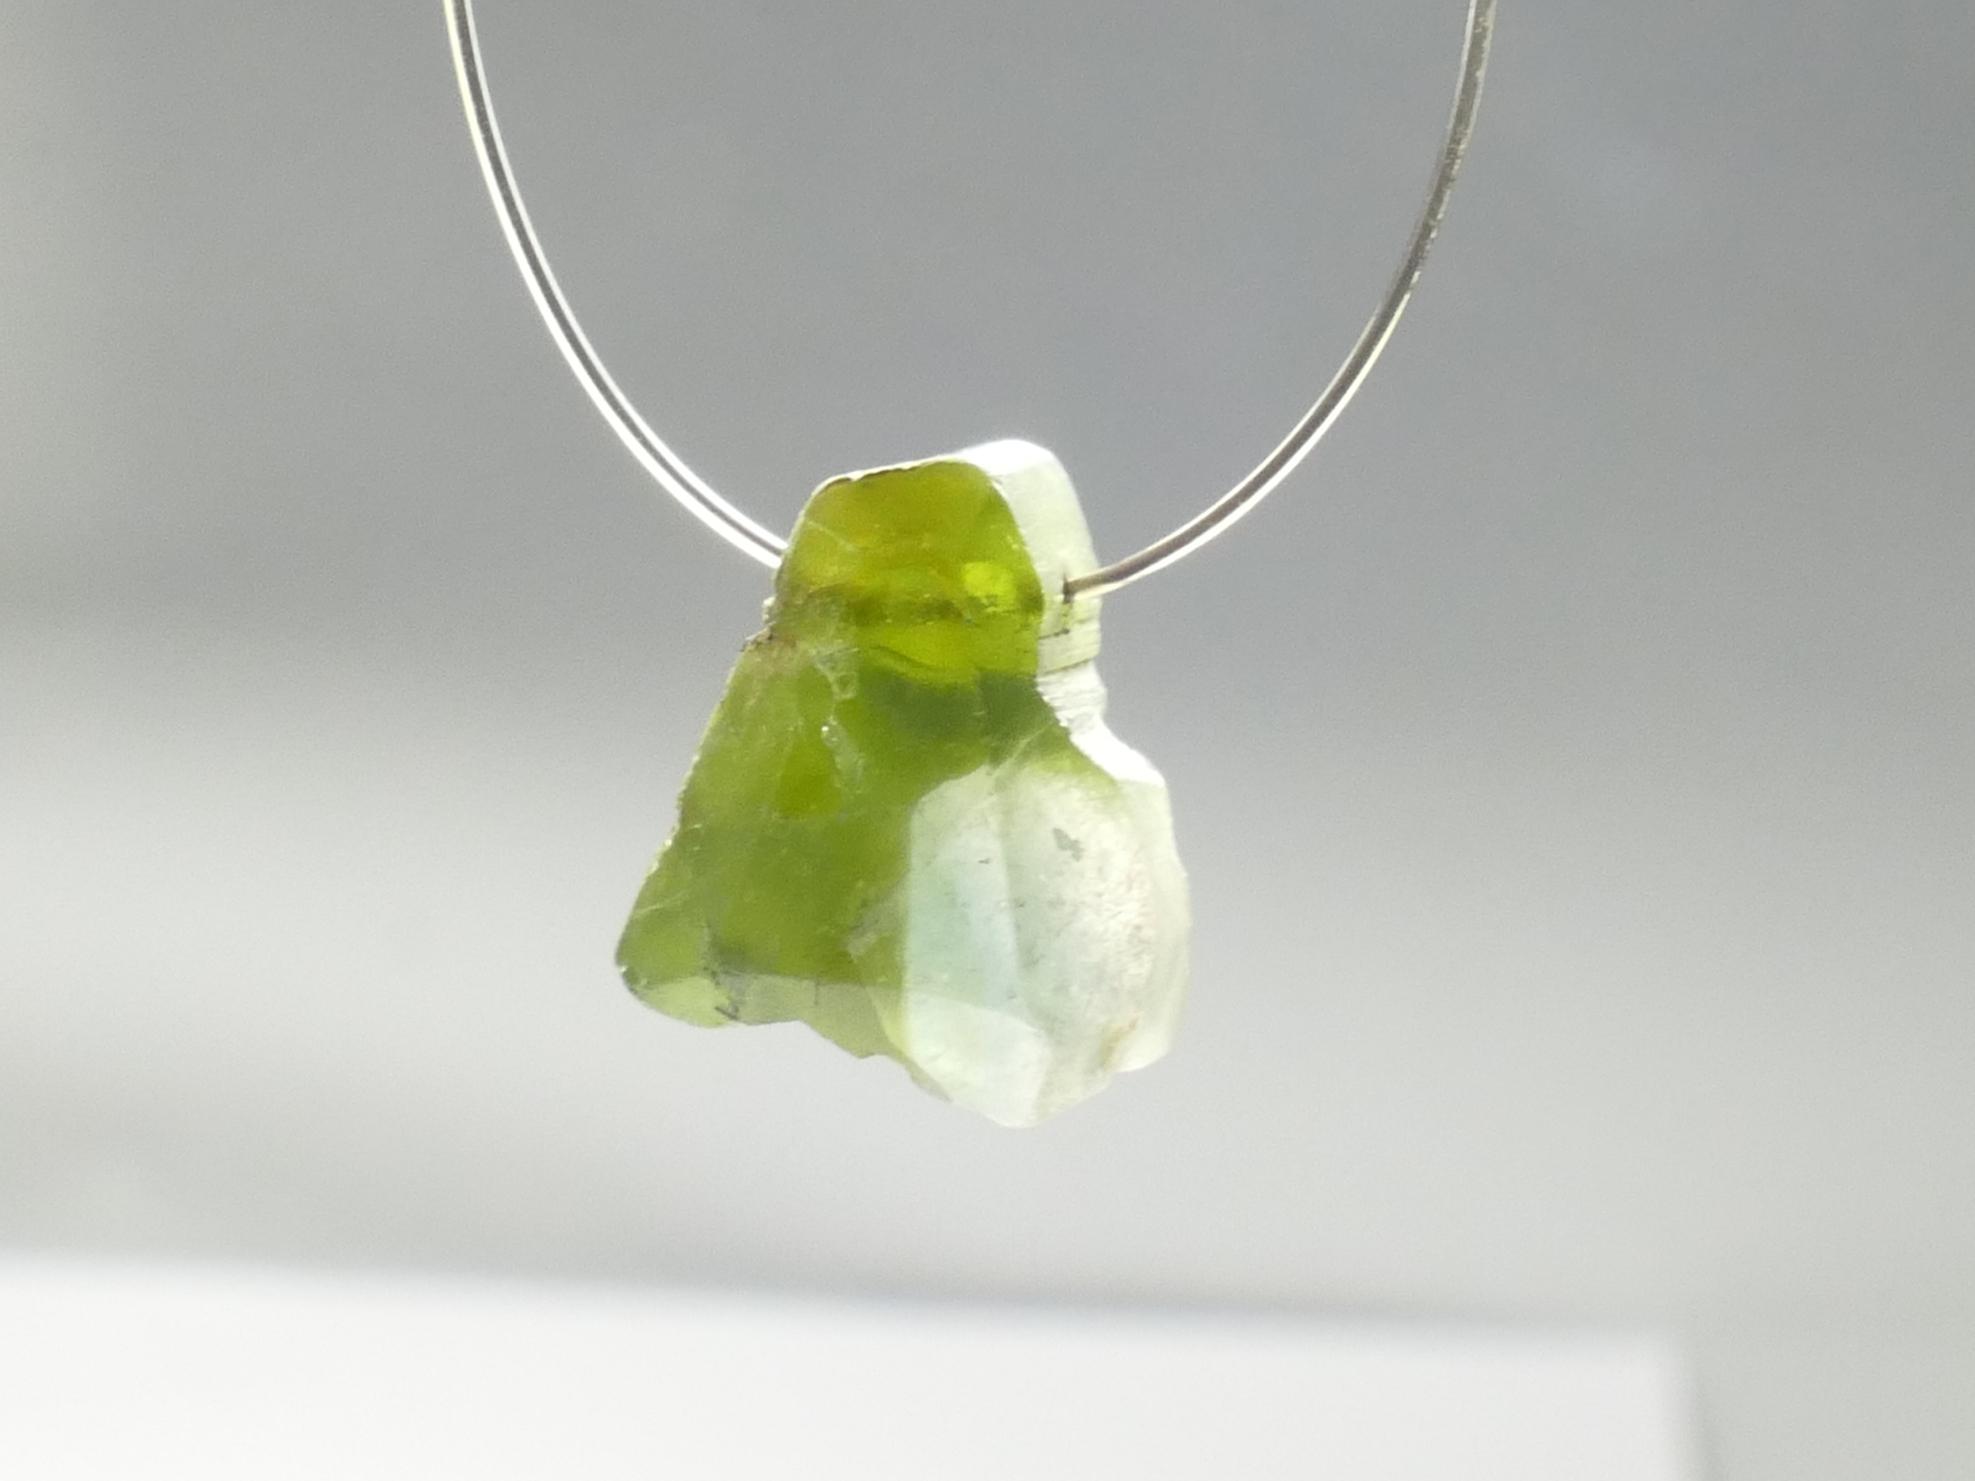 10,5mm Perle de Tourmaline naturelle facettée 4.72ct vert kaki, Brésil (#PB491)